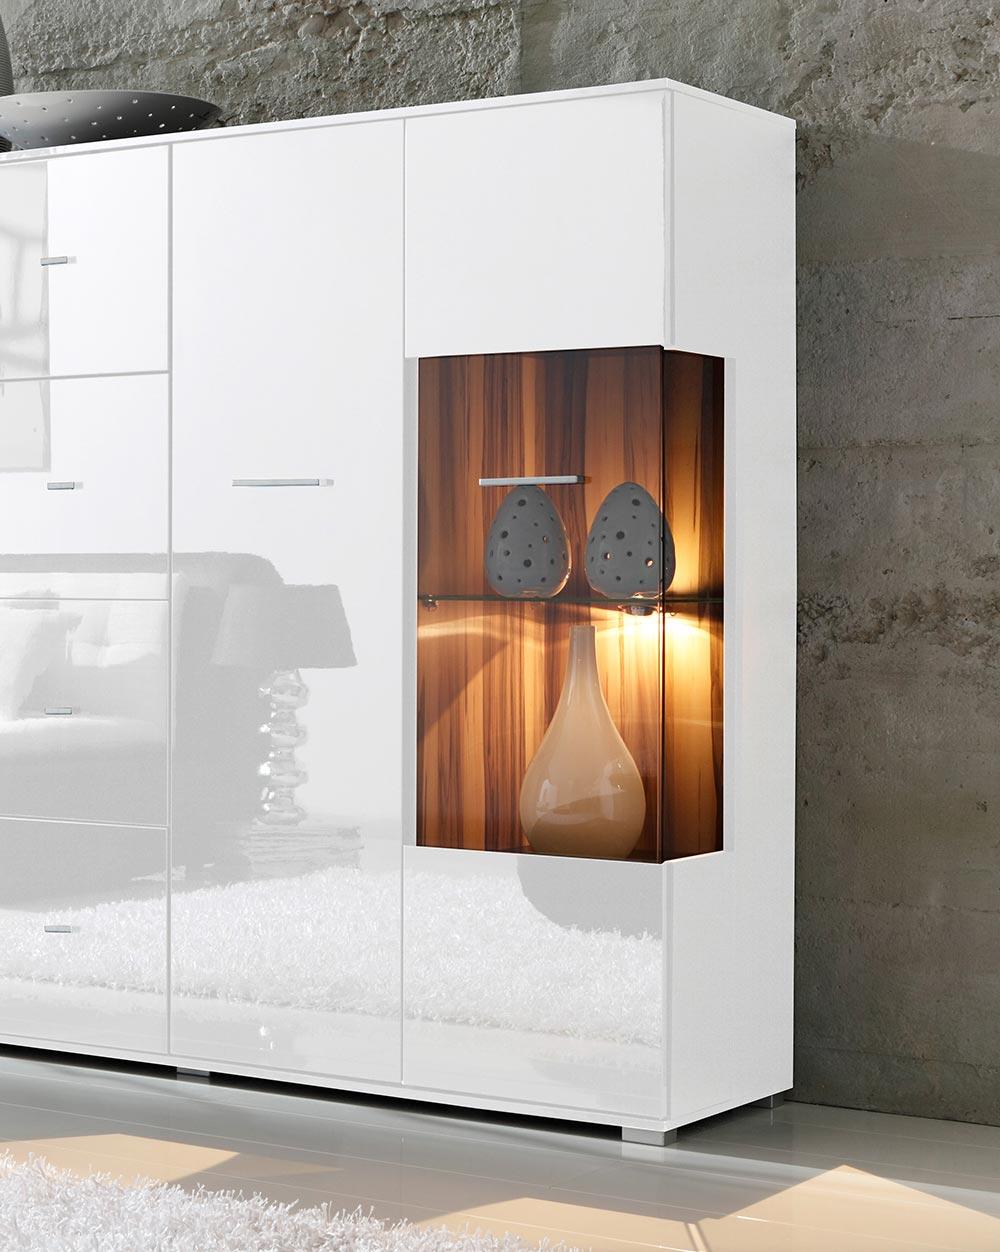 highboard wohnzimmerschrank vitrinenschrank vitrine. Black Bedroom Furniture Sets. Home Design Ideas